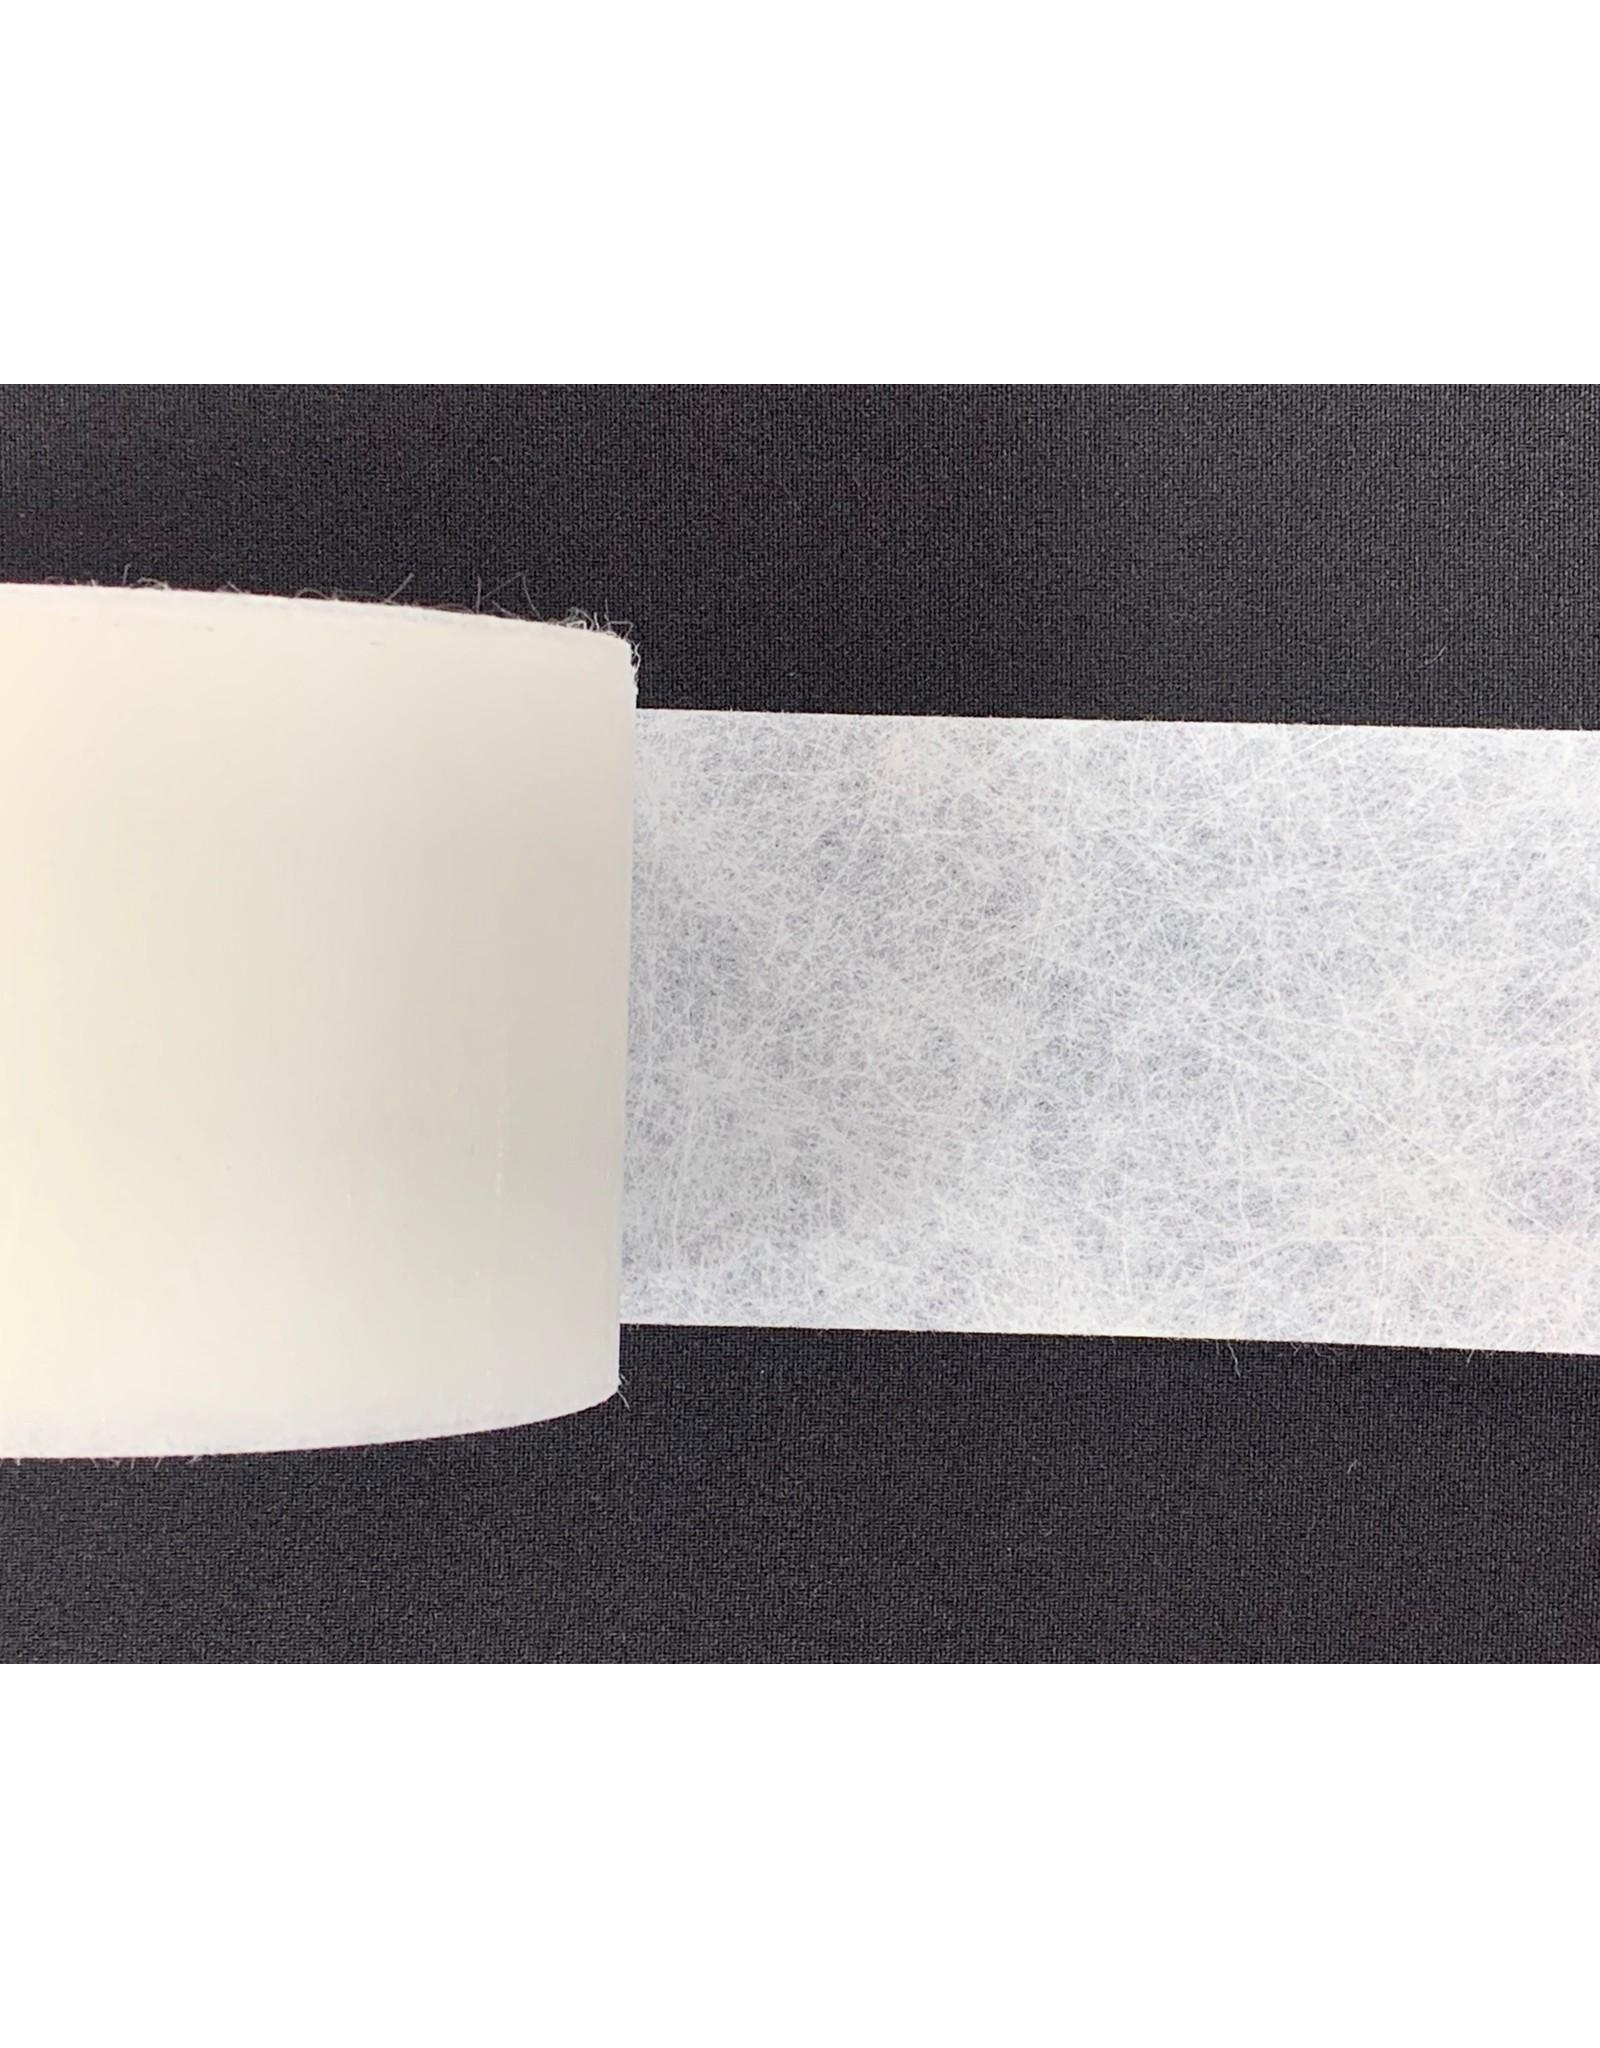 Vlieseline Gordijnband Naaibaar 8 cm